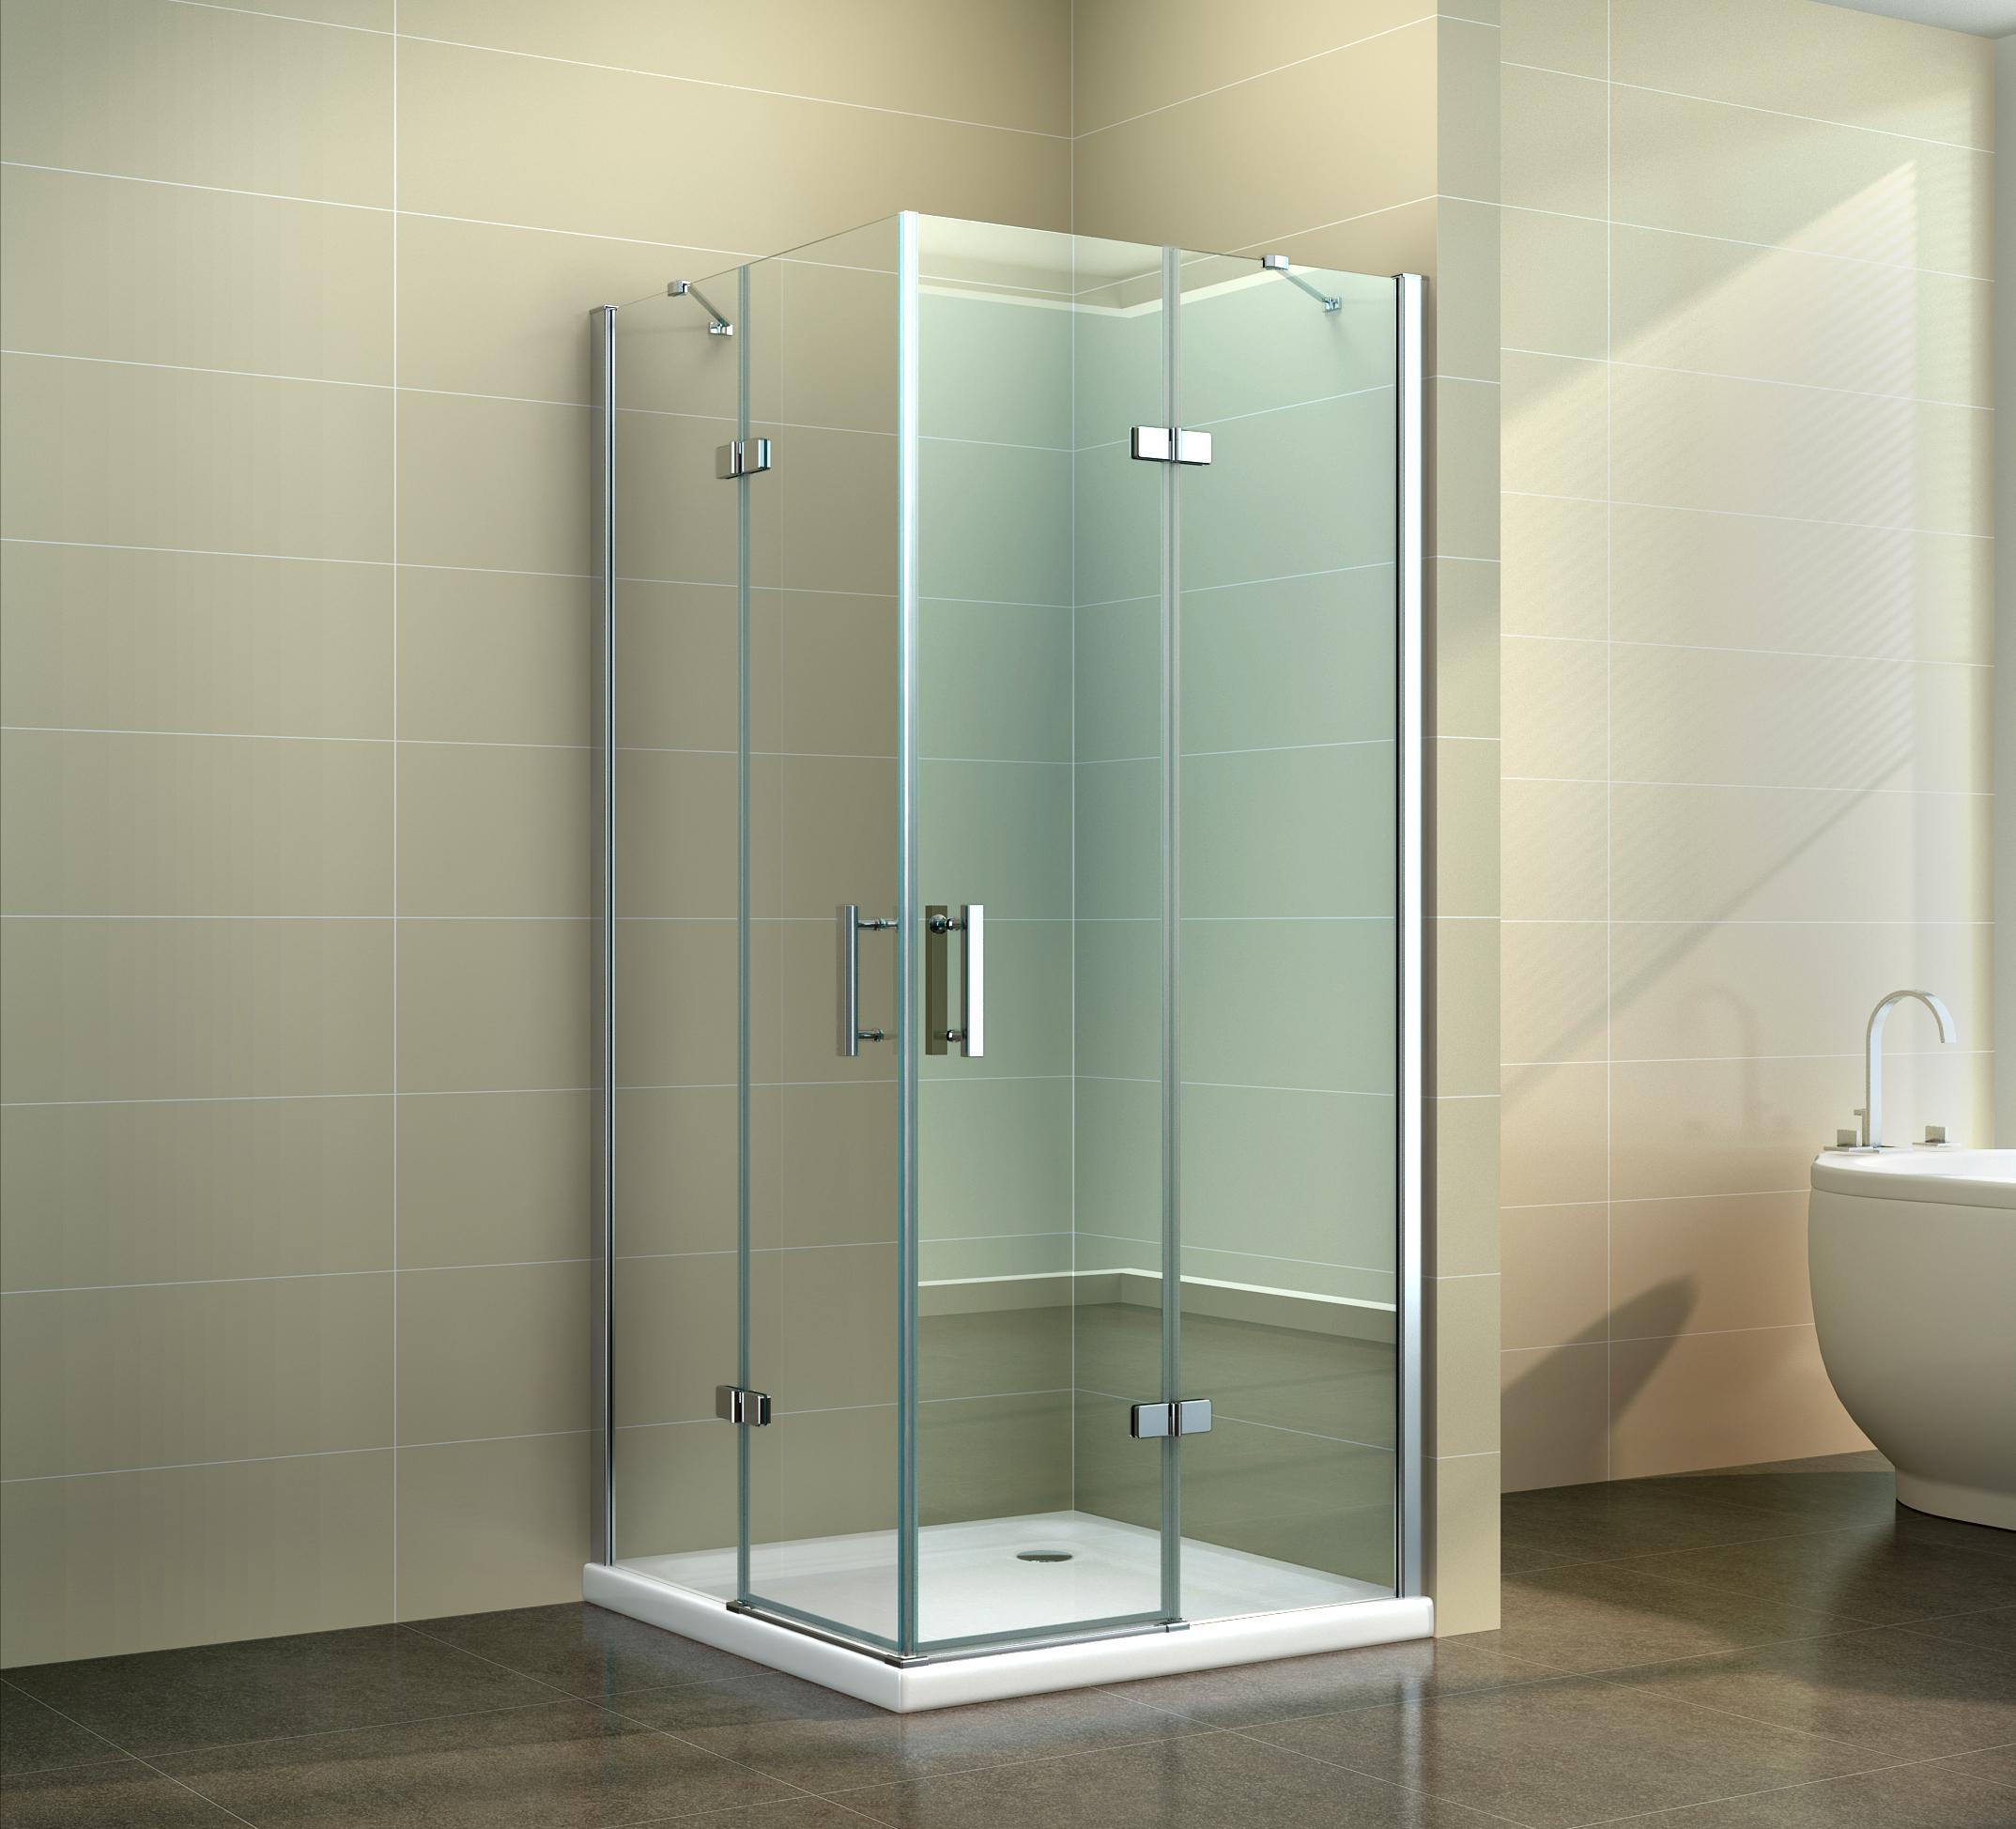 duschkabine dusche eckdusche duschabtrennung rechteck echtglas nano klarglas kaufen bei. Black Bedroom Furniture Sets. Home Design Ideas